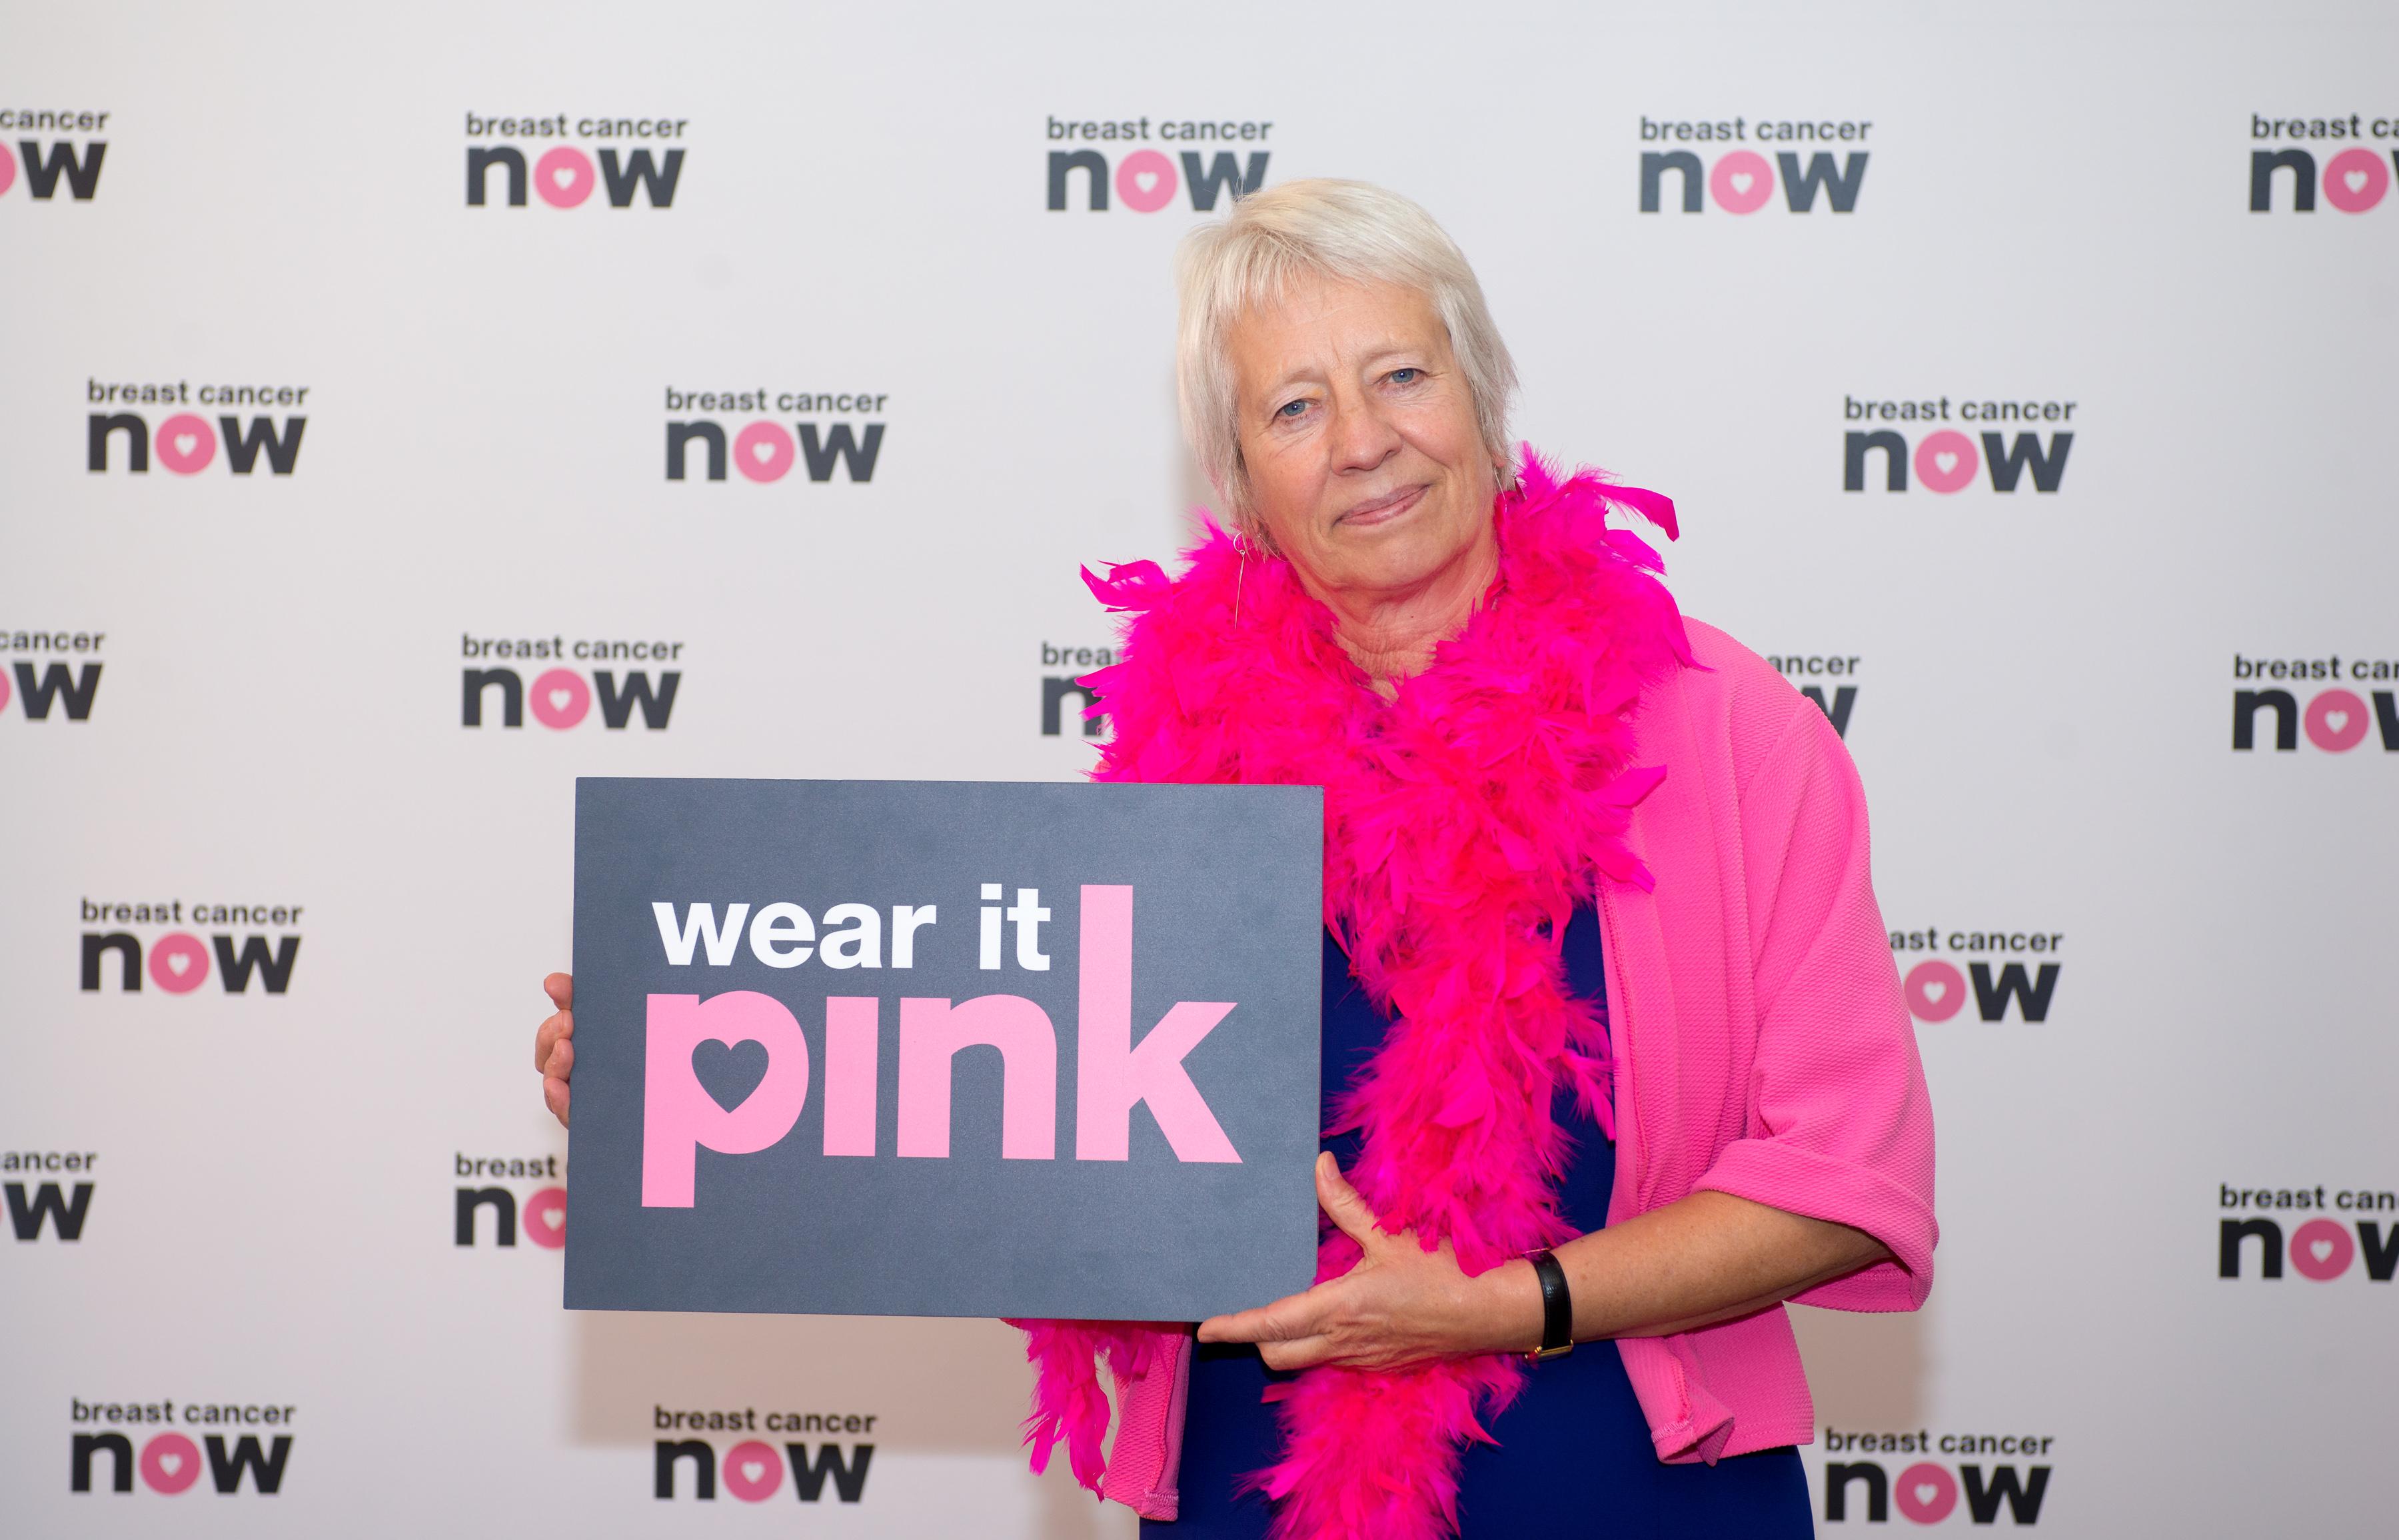 Wear_it_Pink_Jenny_Rathbone_AM.jpg